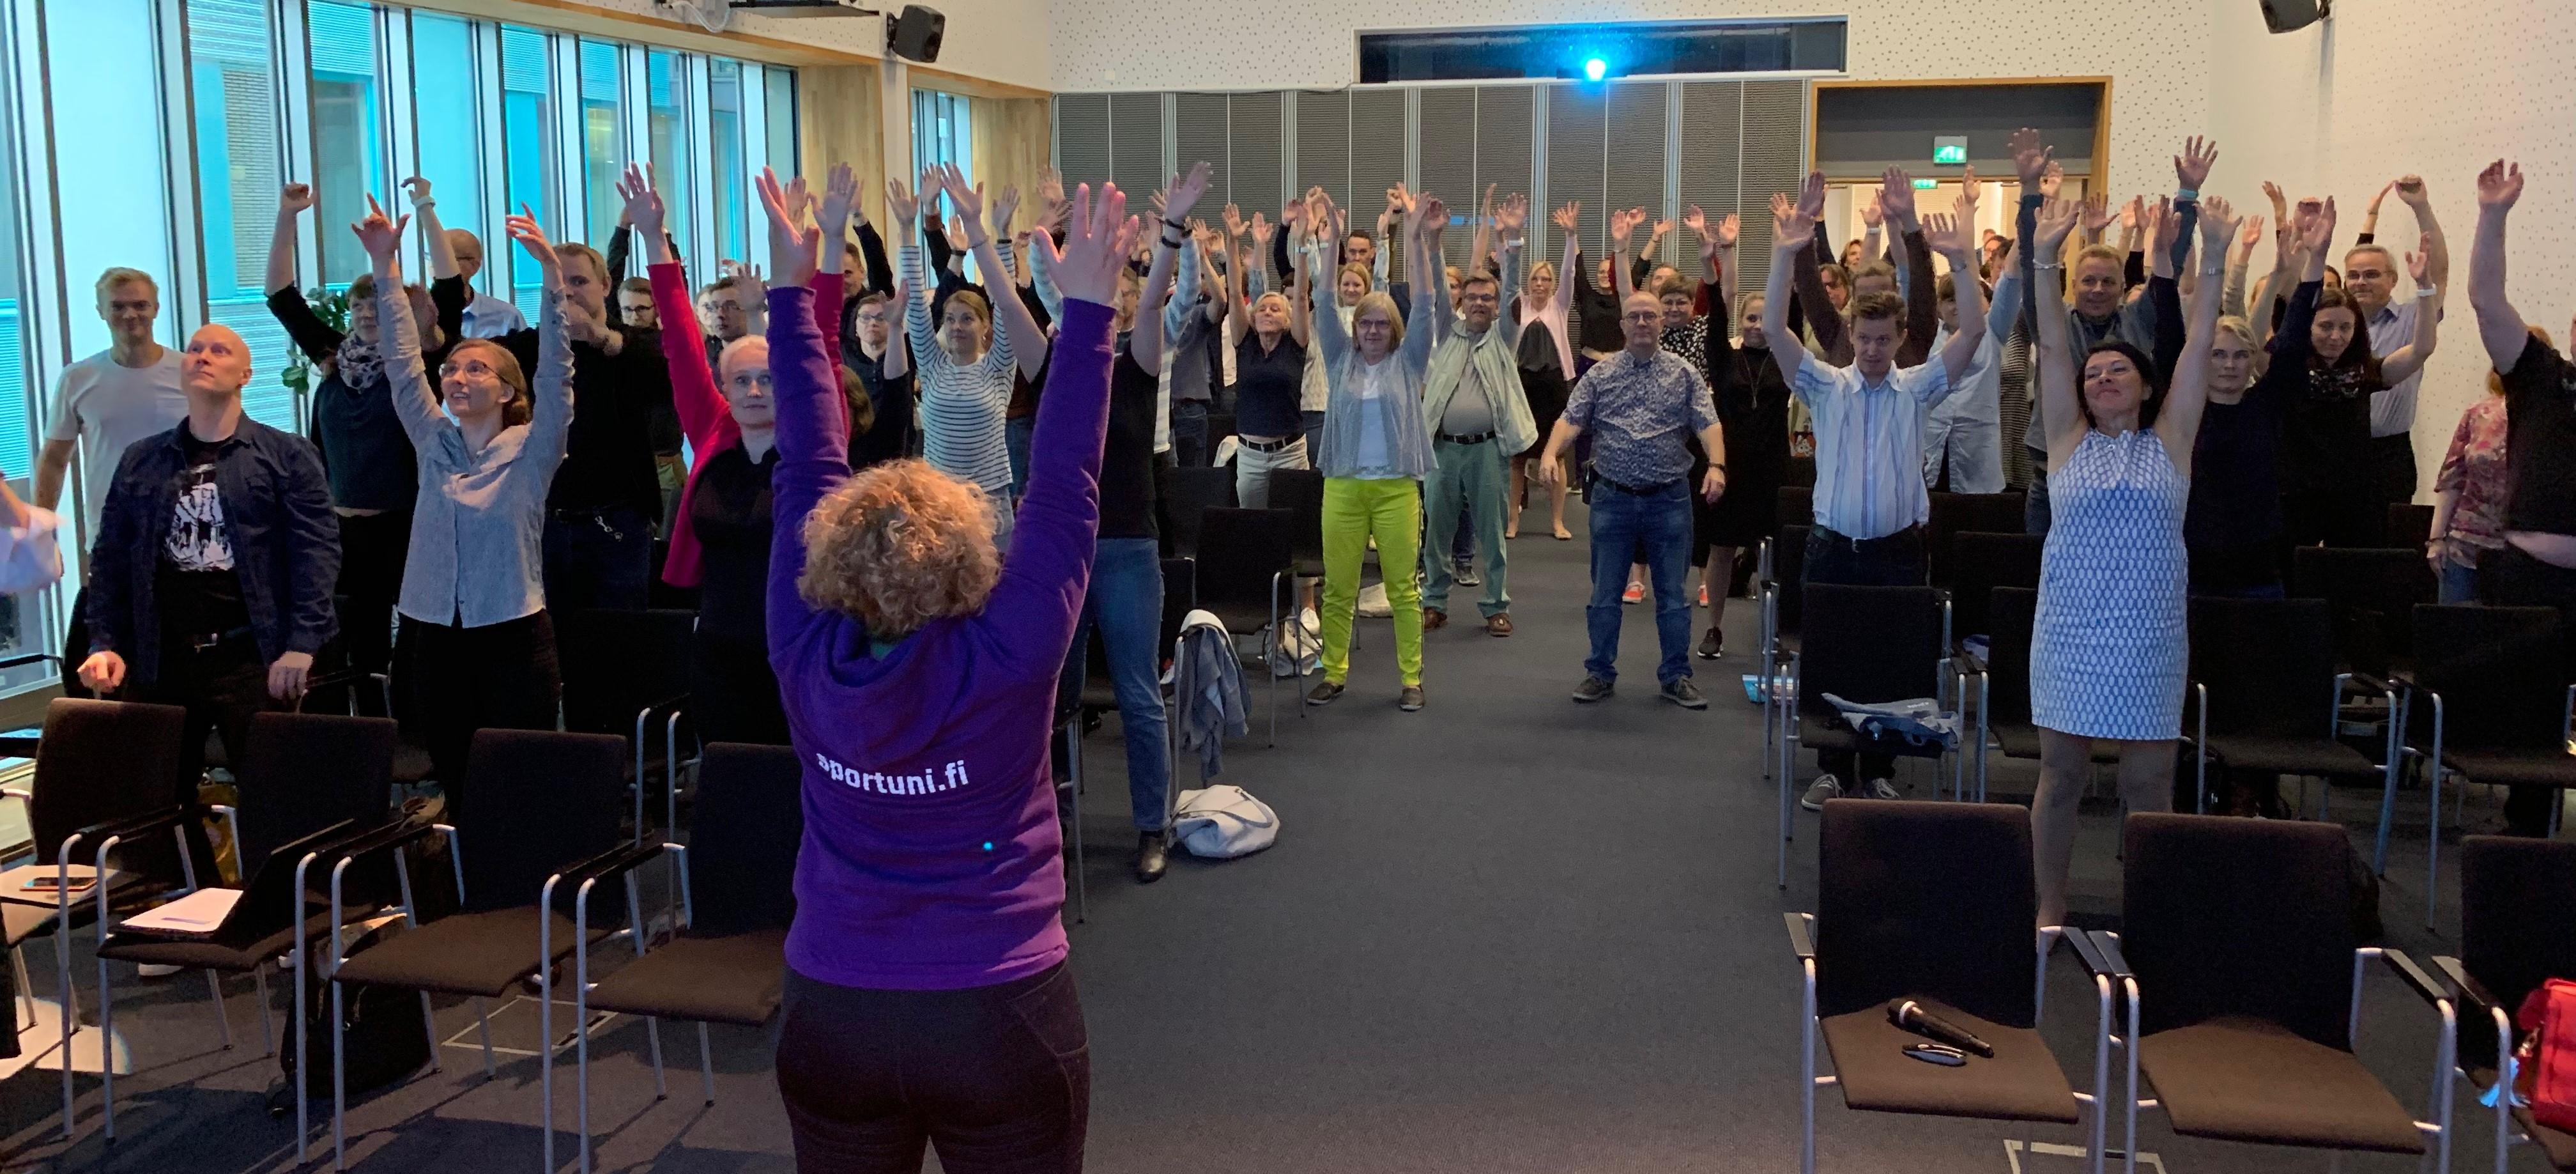 Kun Talous tutuksi -kiertue vieraili Tampereella 4.9., kurkottivat opettajat tauolla kädet ojossa kohti uusia taloustietoja - myös välijumpalla saattoi olla osuutta asiaan.